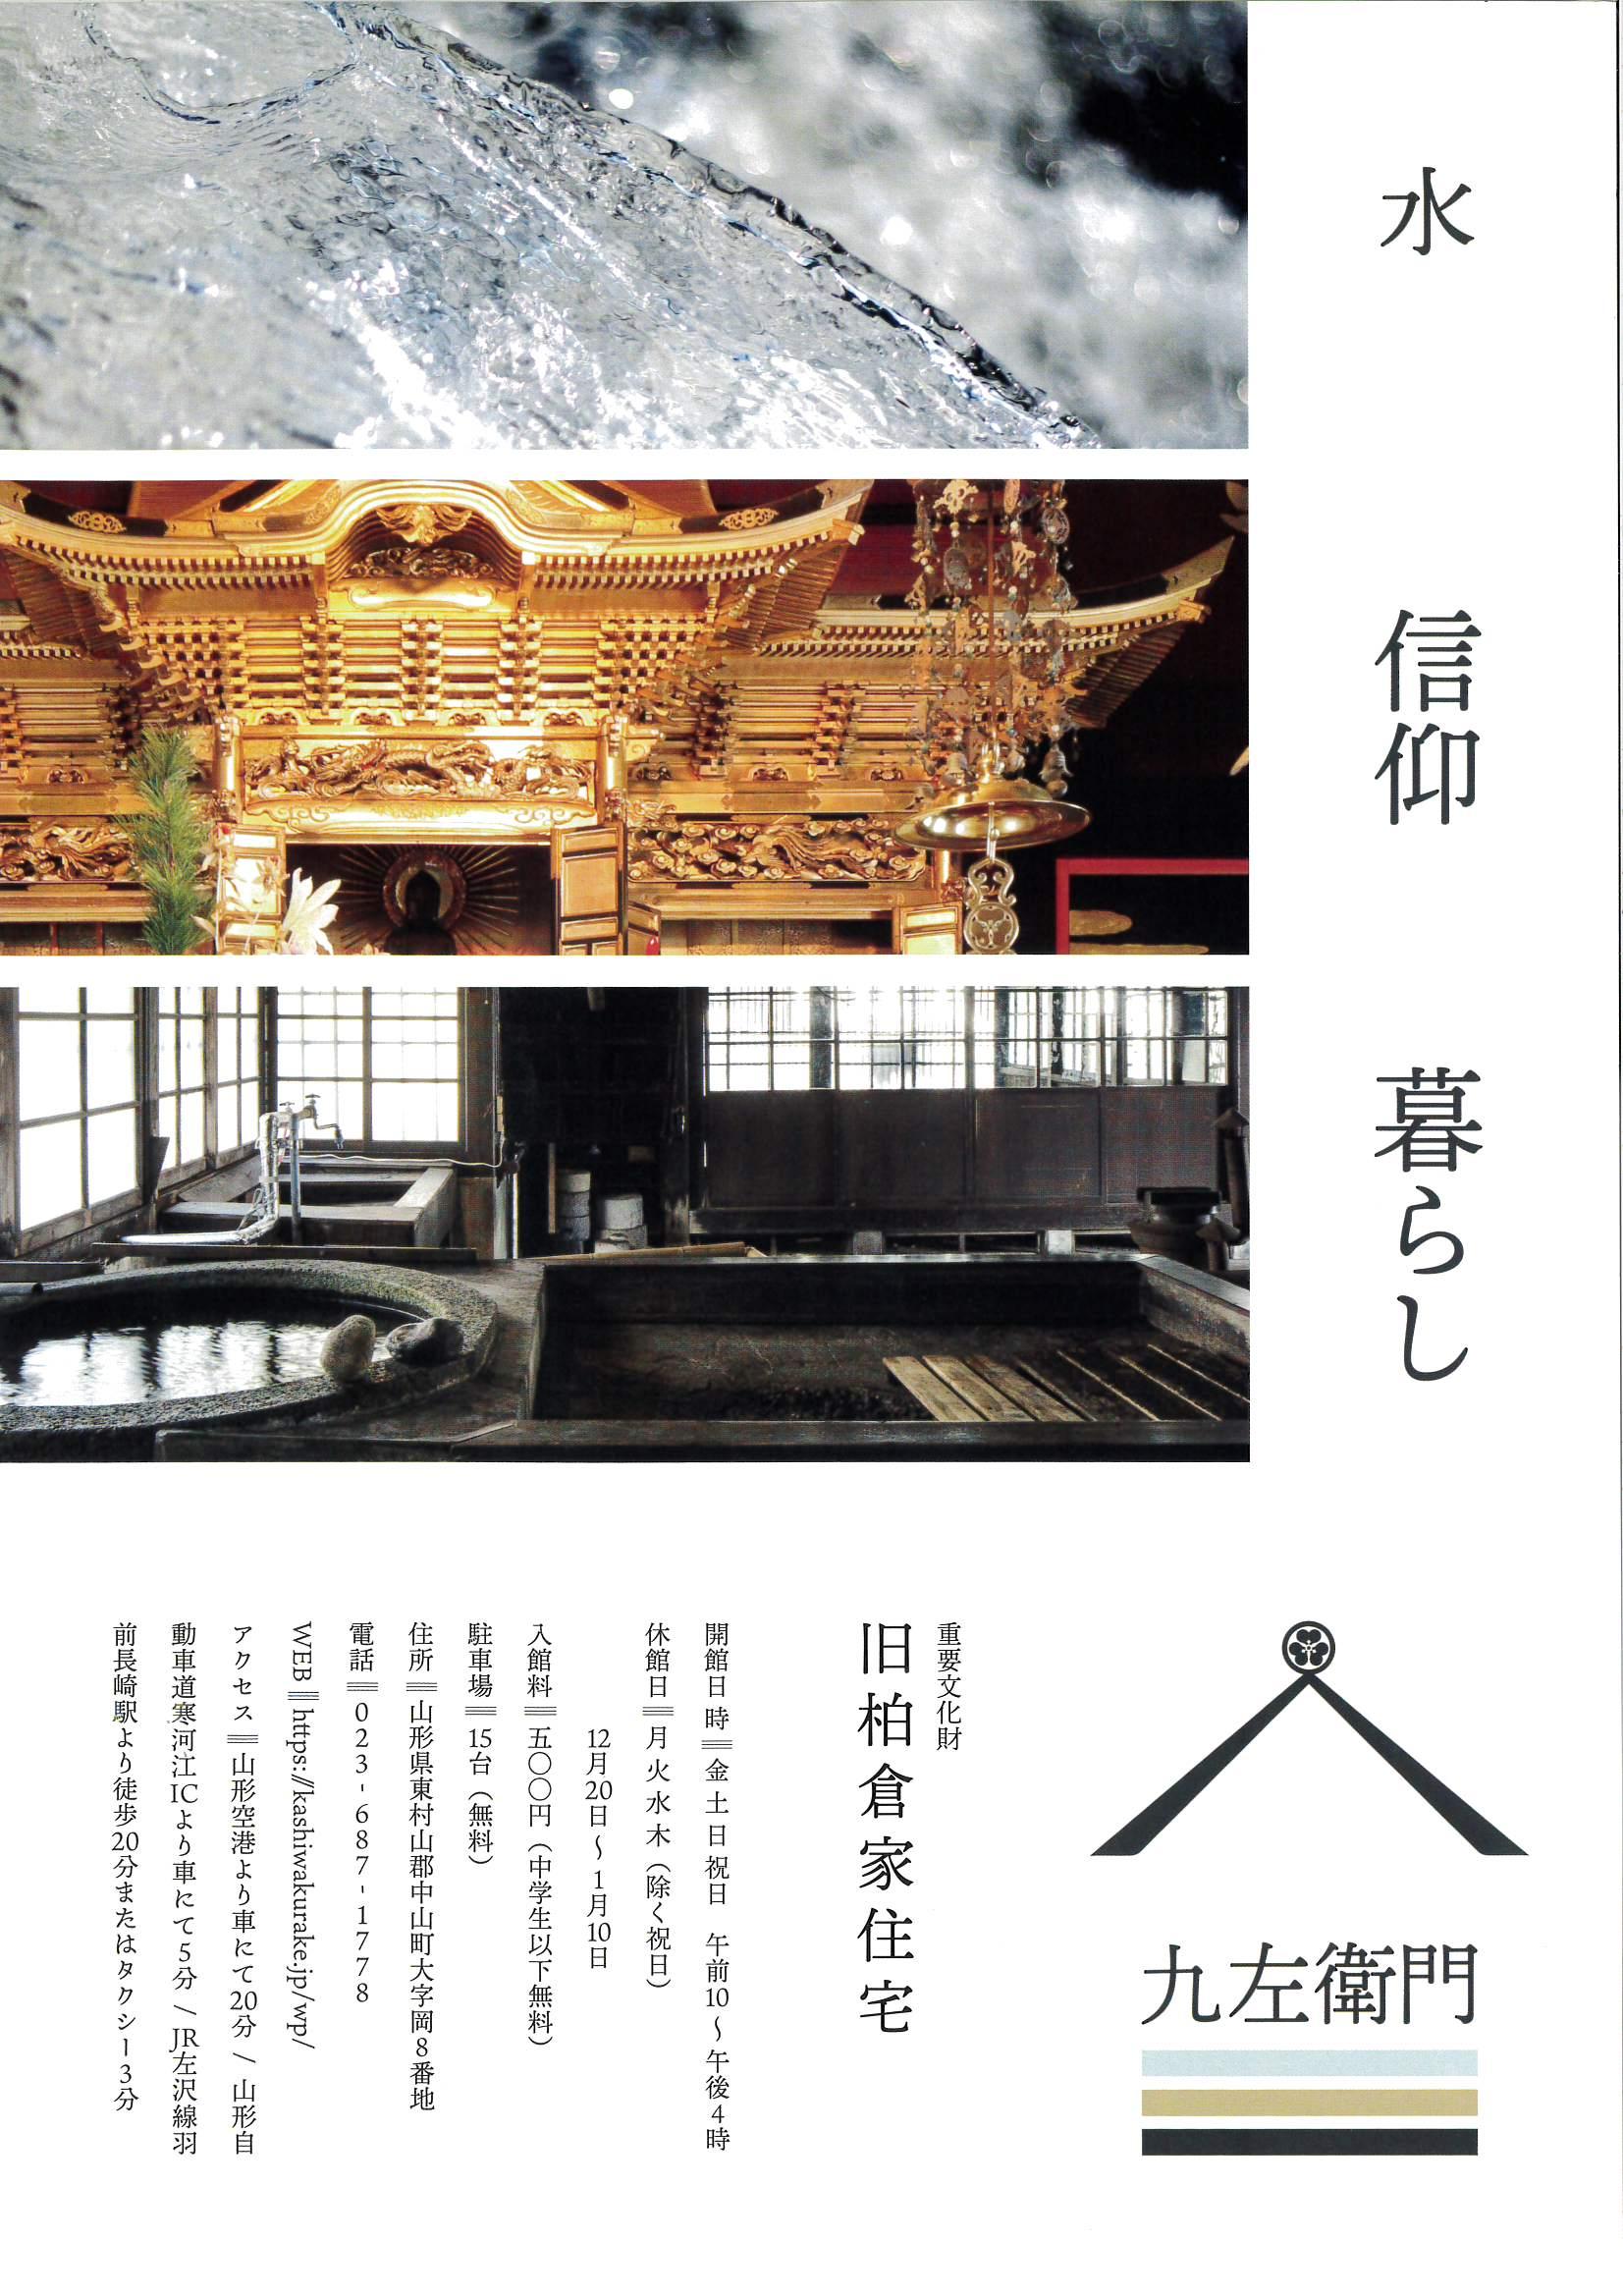 【中山町】重要文化財 旧柏倉家住宅 一般公開